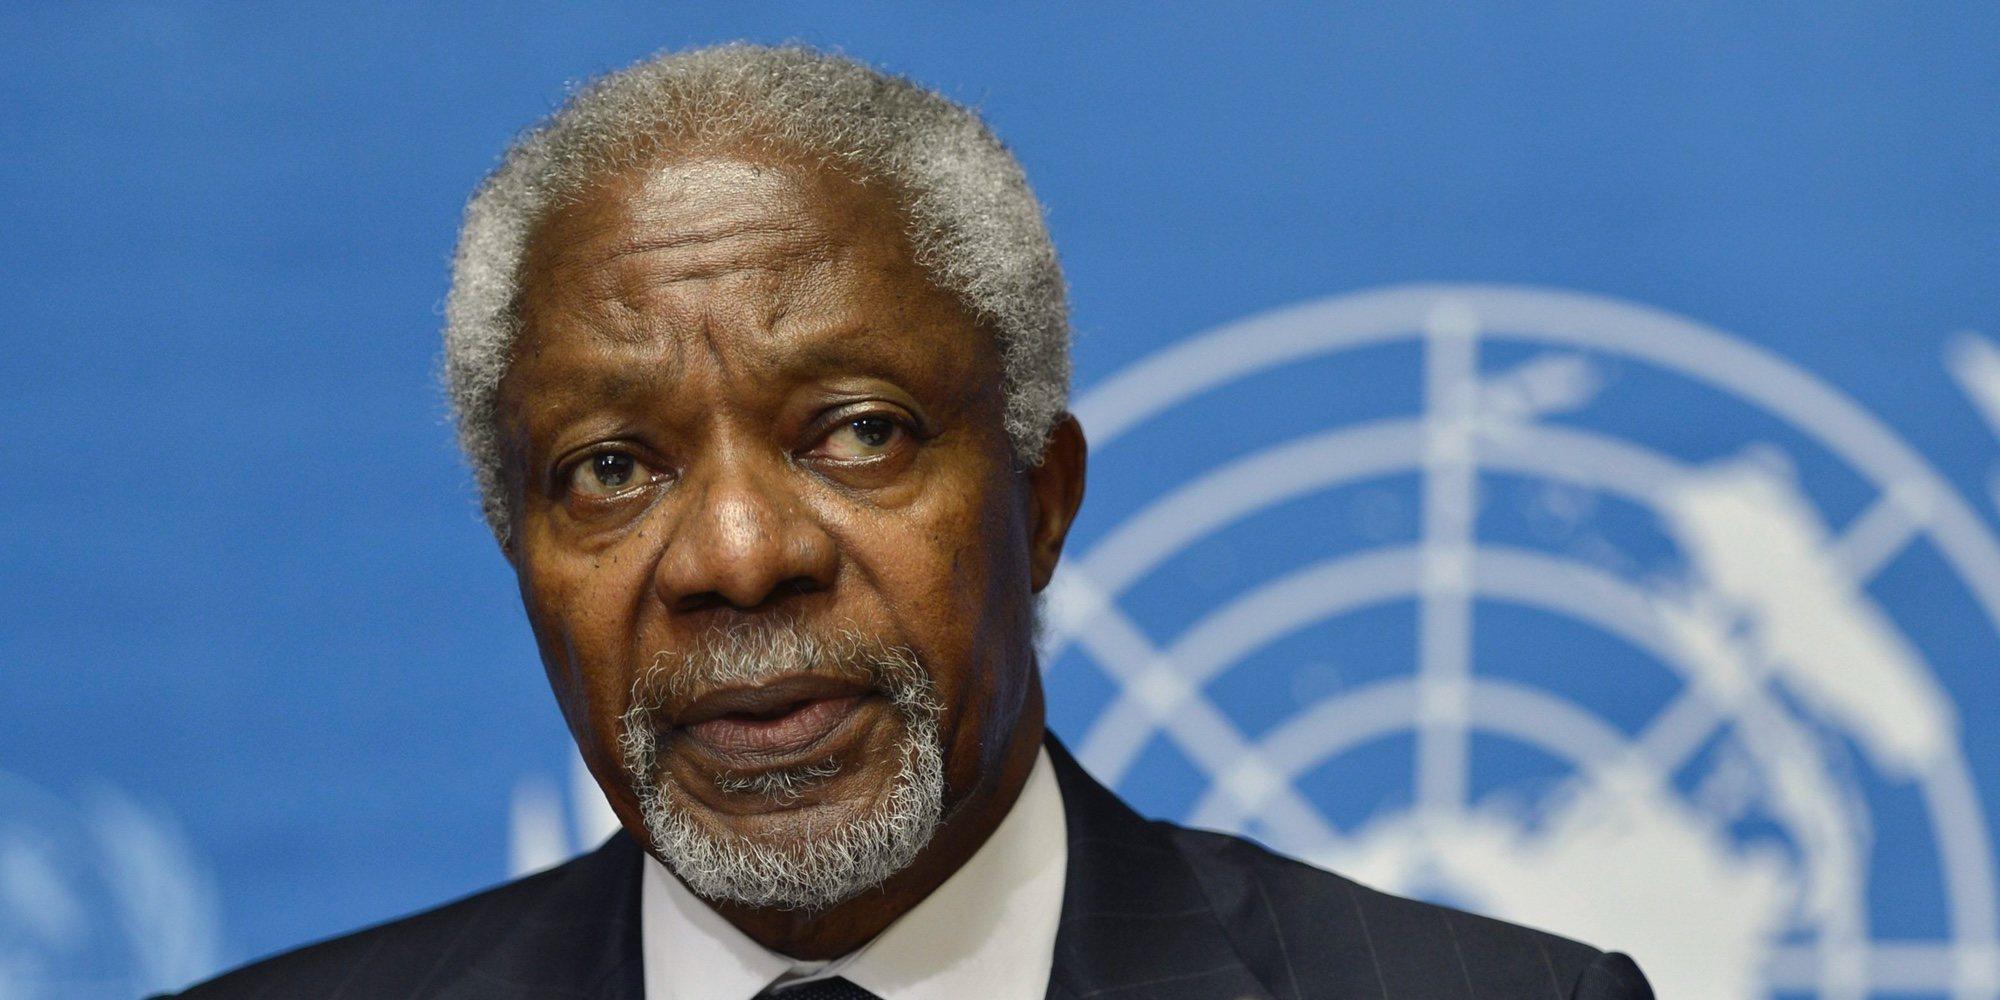 Muere Kofi Annan, exsecretario general de la ONU, a los 80 años